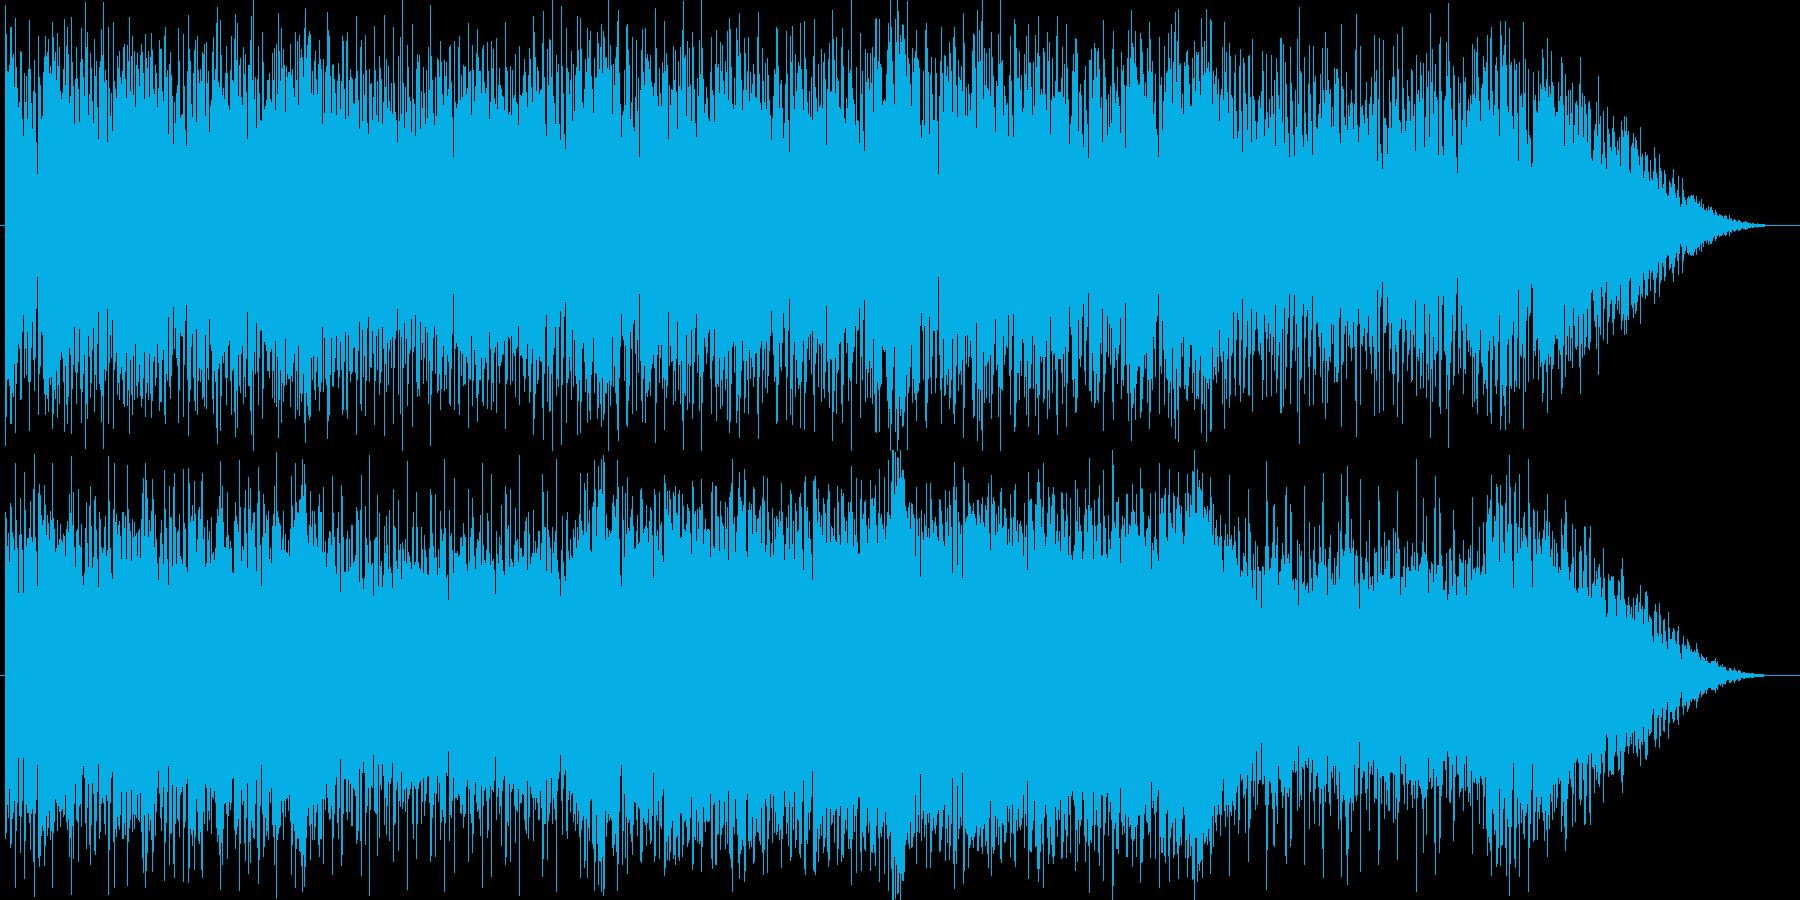 バトル、アクション向けのオケ風音源の再生済みの波形